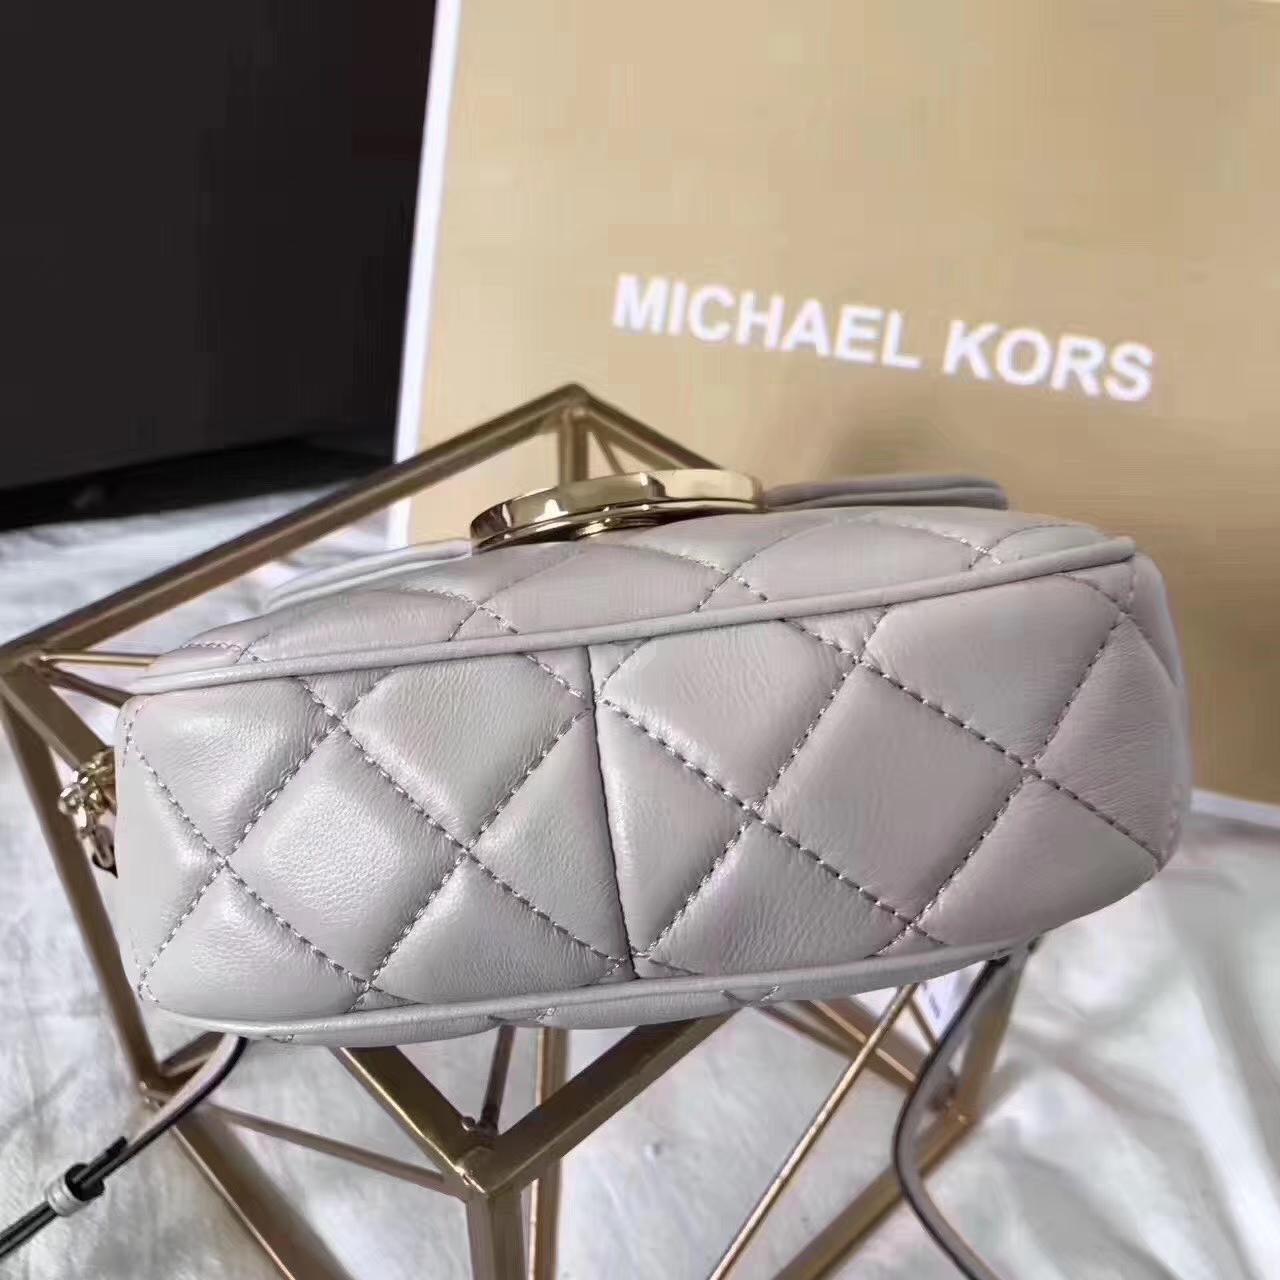 厂家直销 MK迈克尔高仕灰色进口小羊皮菱格链条单肩斜挎小包18CM